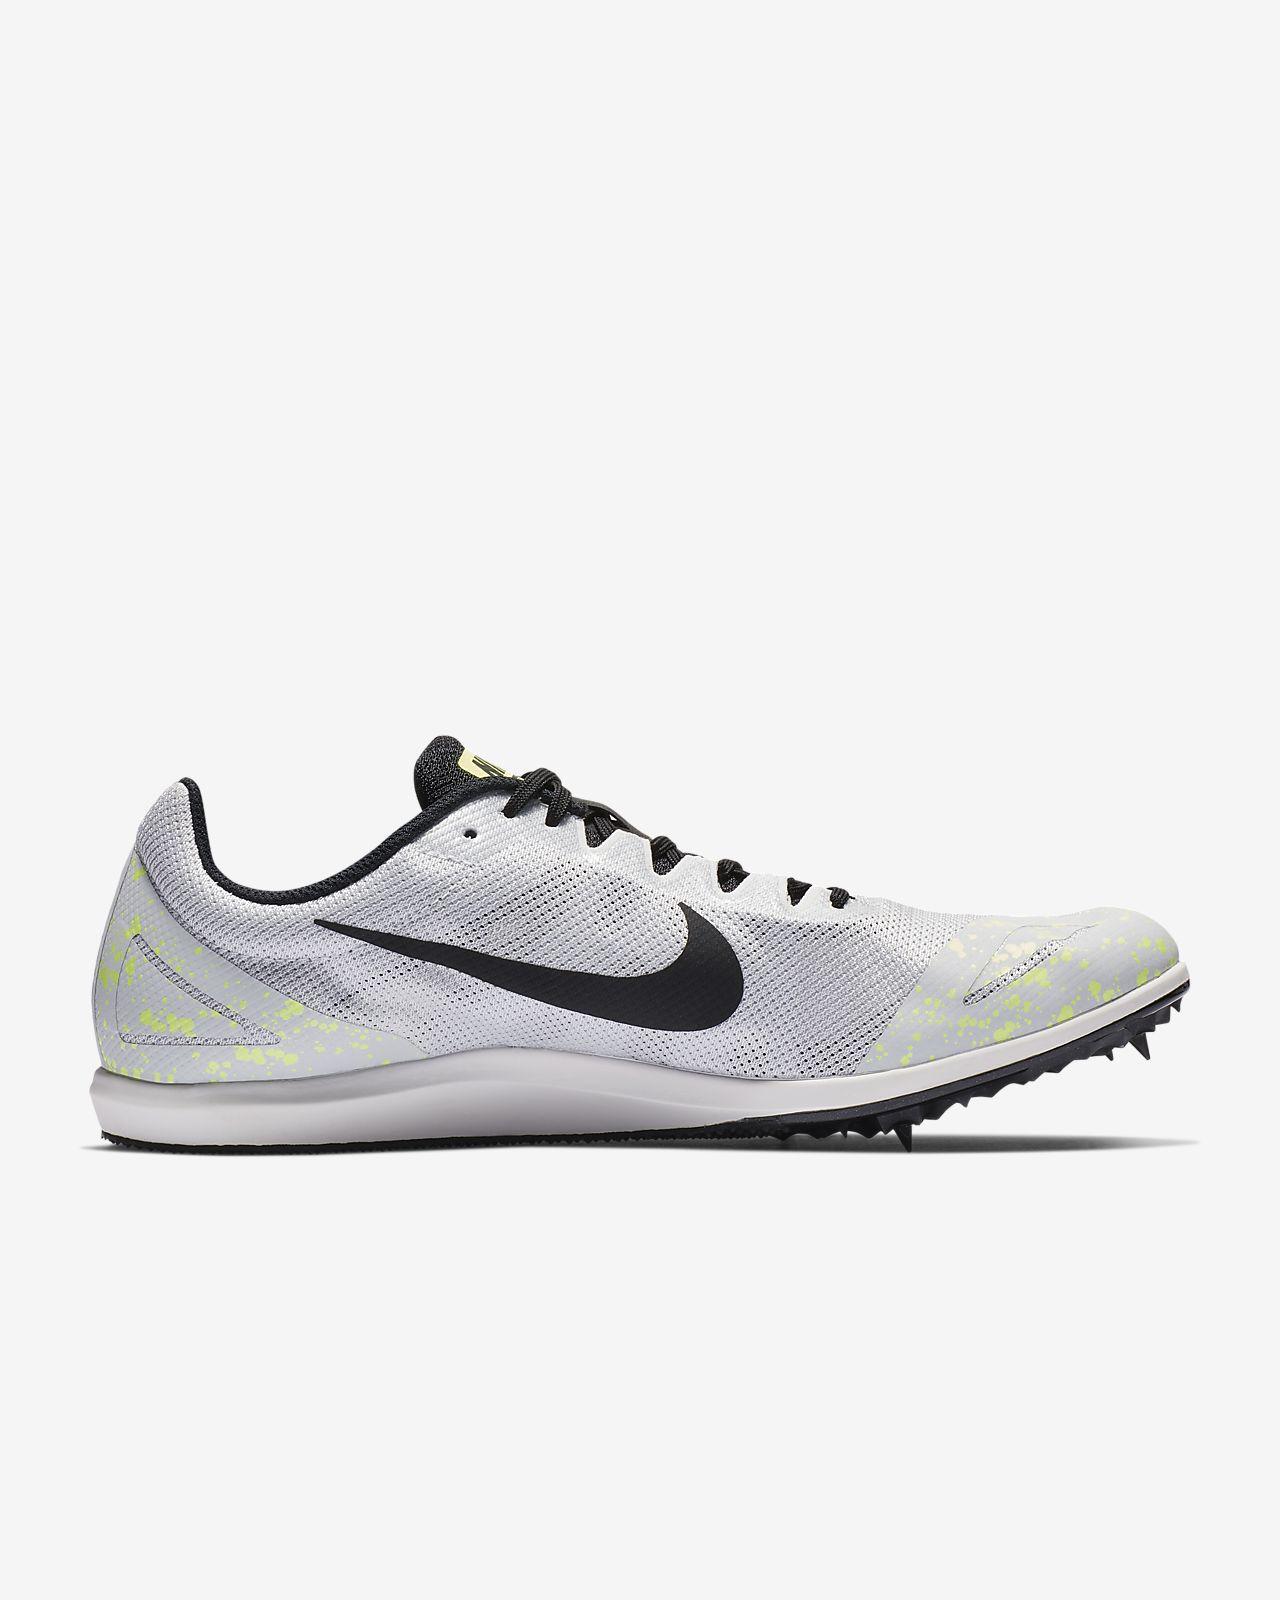 new product 582df ebcd9 ... Chaussure de course à pointes mixte Nike Zoom Rival D 10